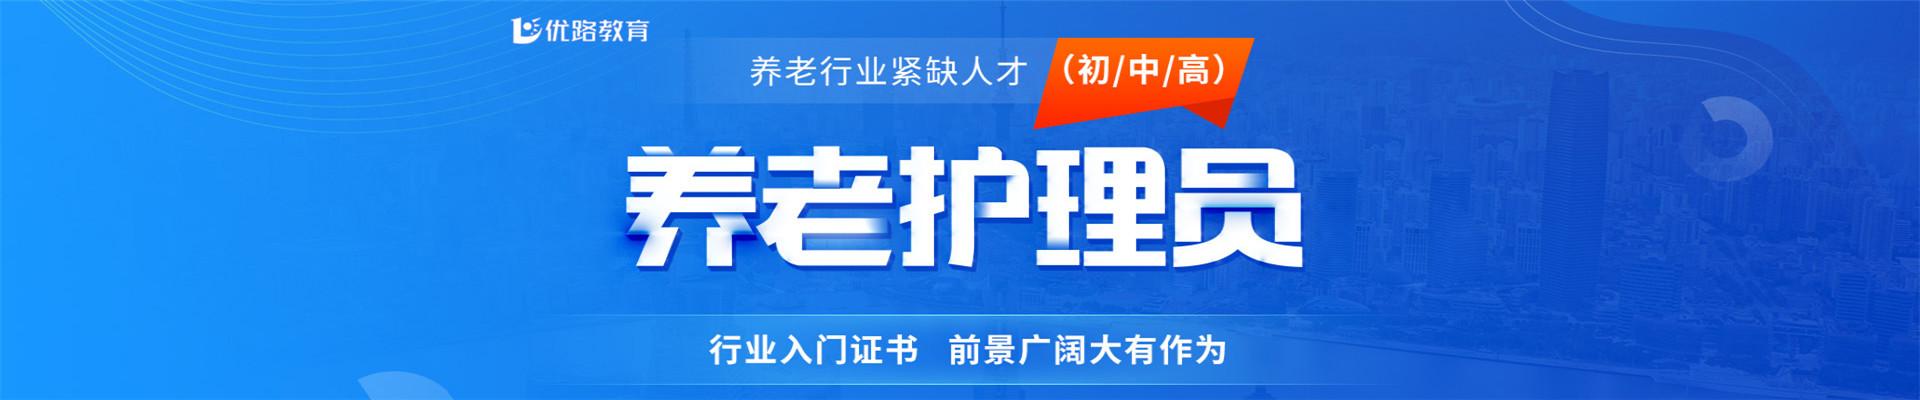 黑龙江大庆优路教育培训学校